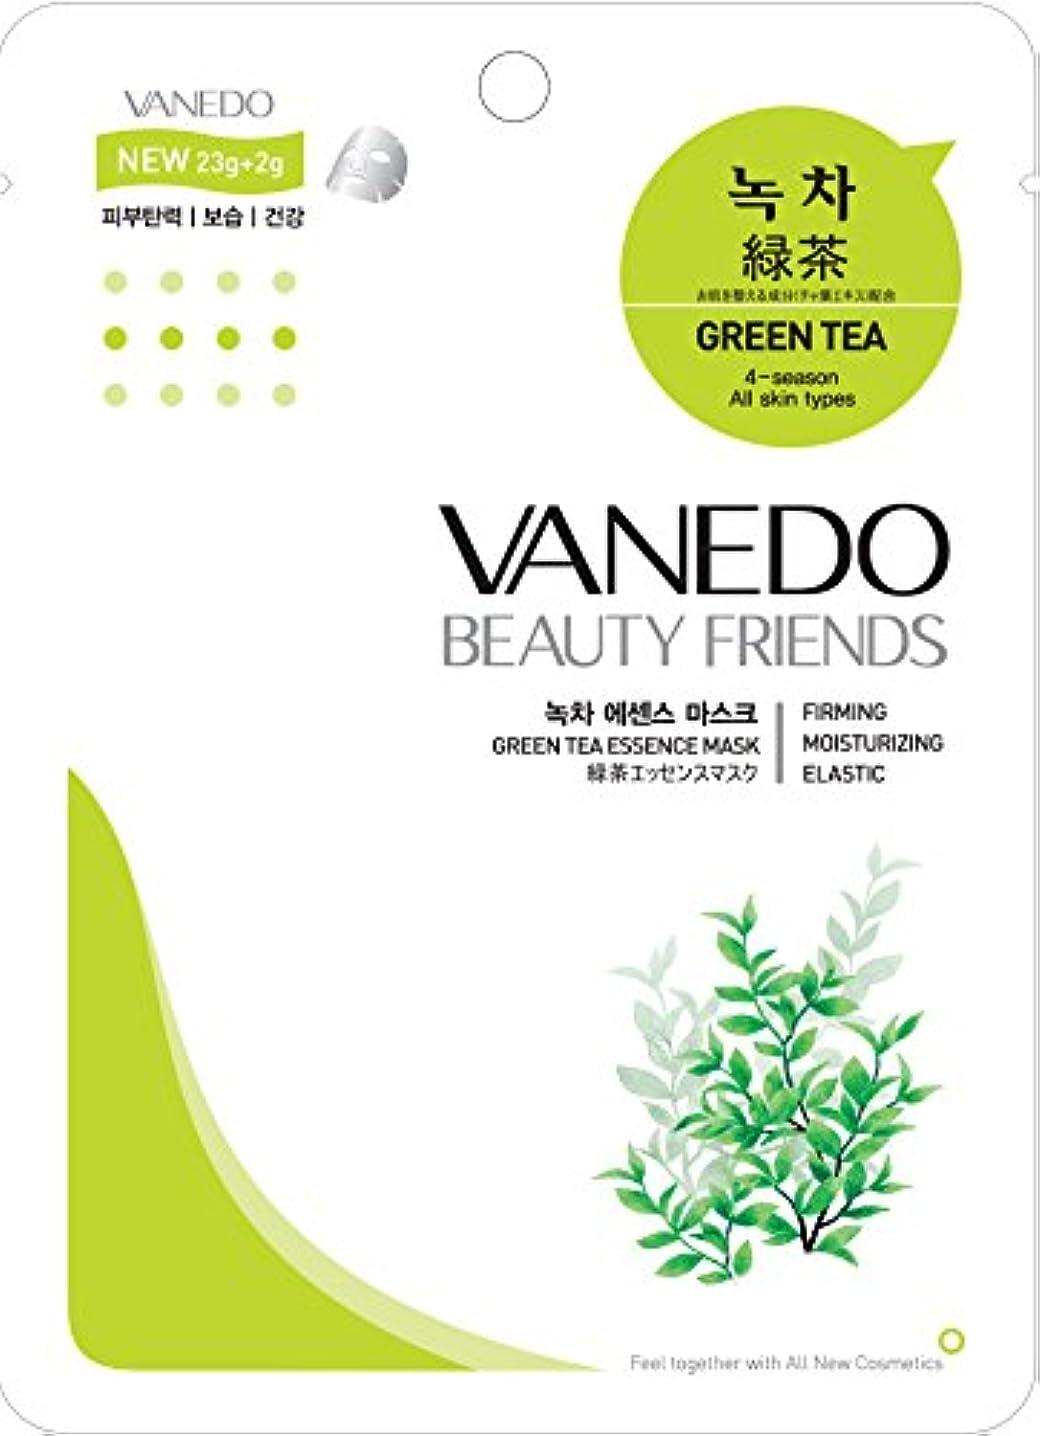 クマノミ謙虚吐く【VANEDO】バネド シートマスク 緑茶 10枚セット/エッセンス/保湿/フェイスマスク/フェイスパック/マスクパック/韓国コスメ [メール便]